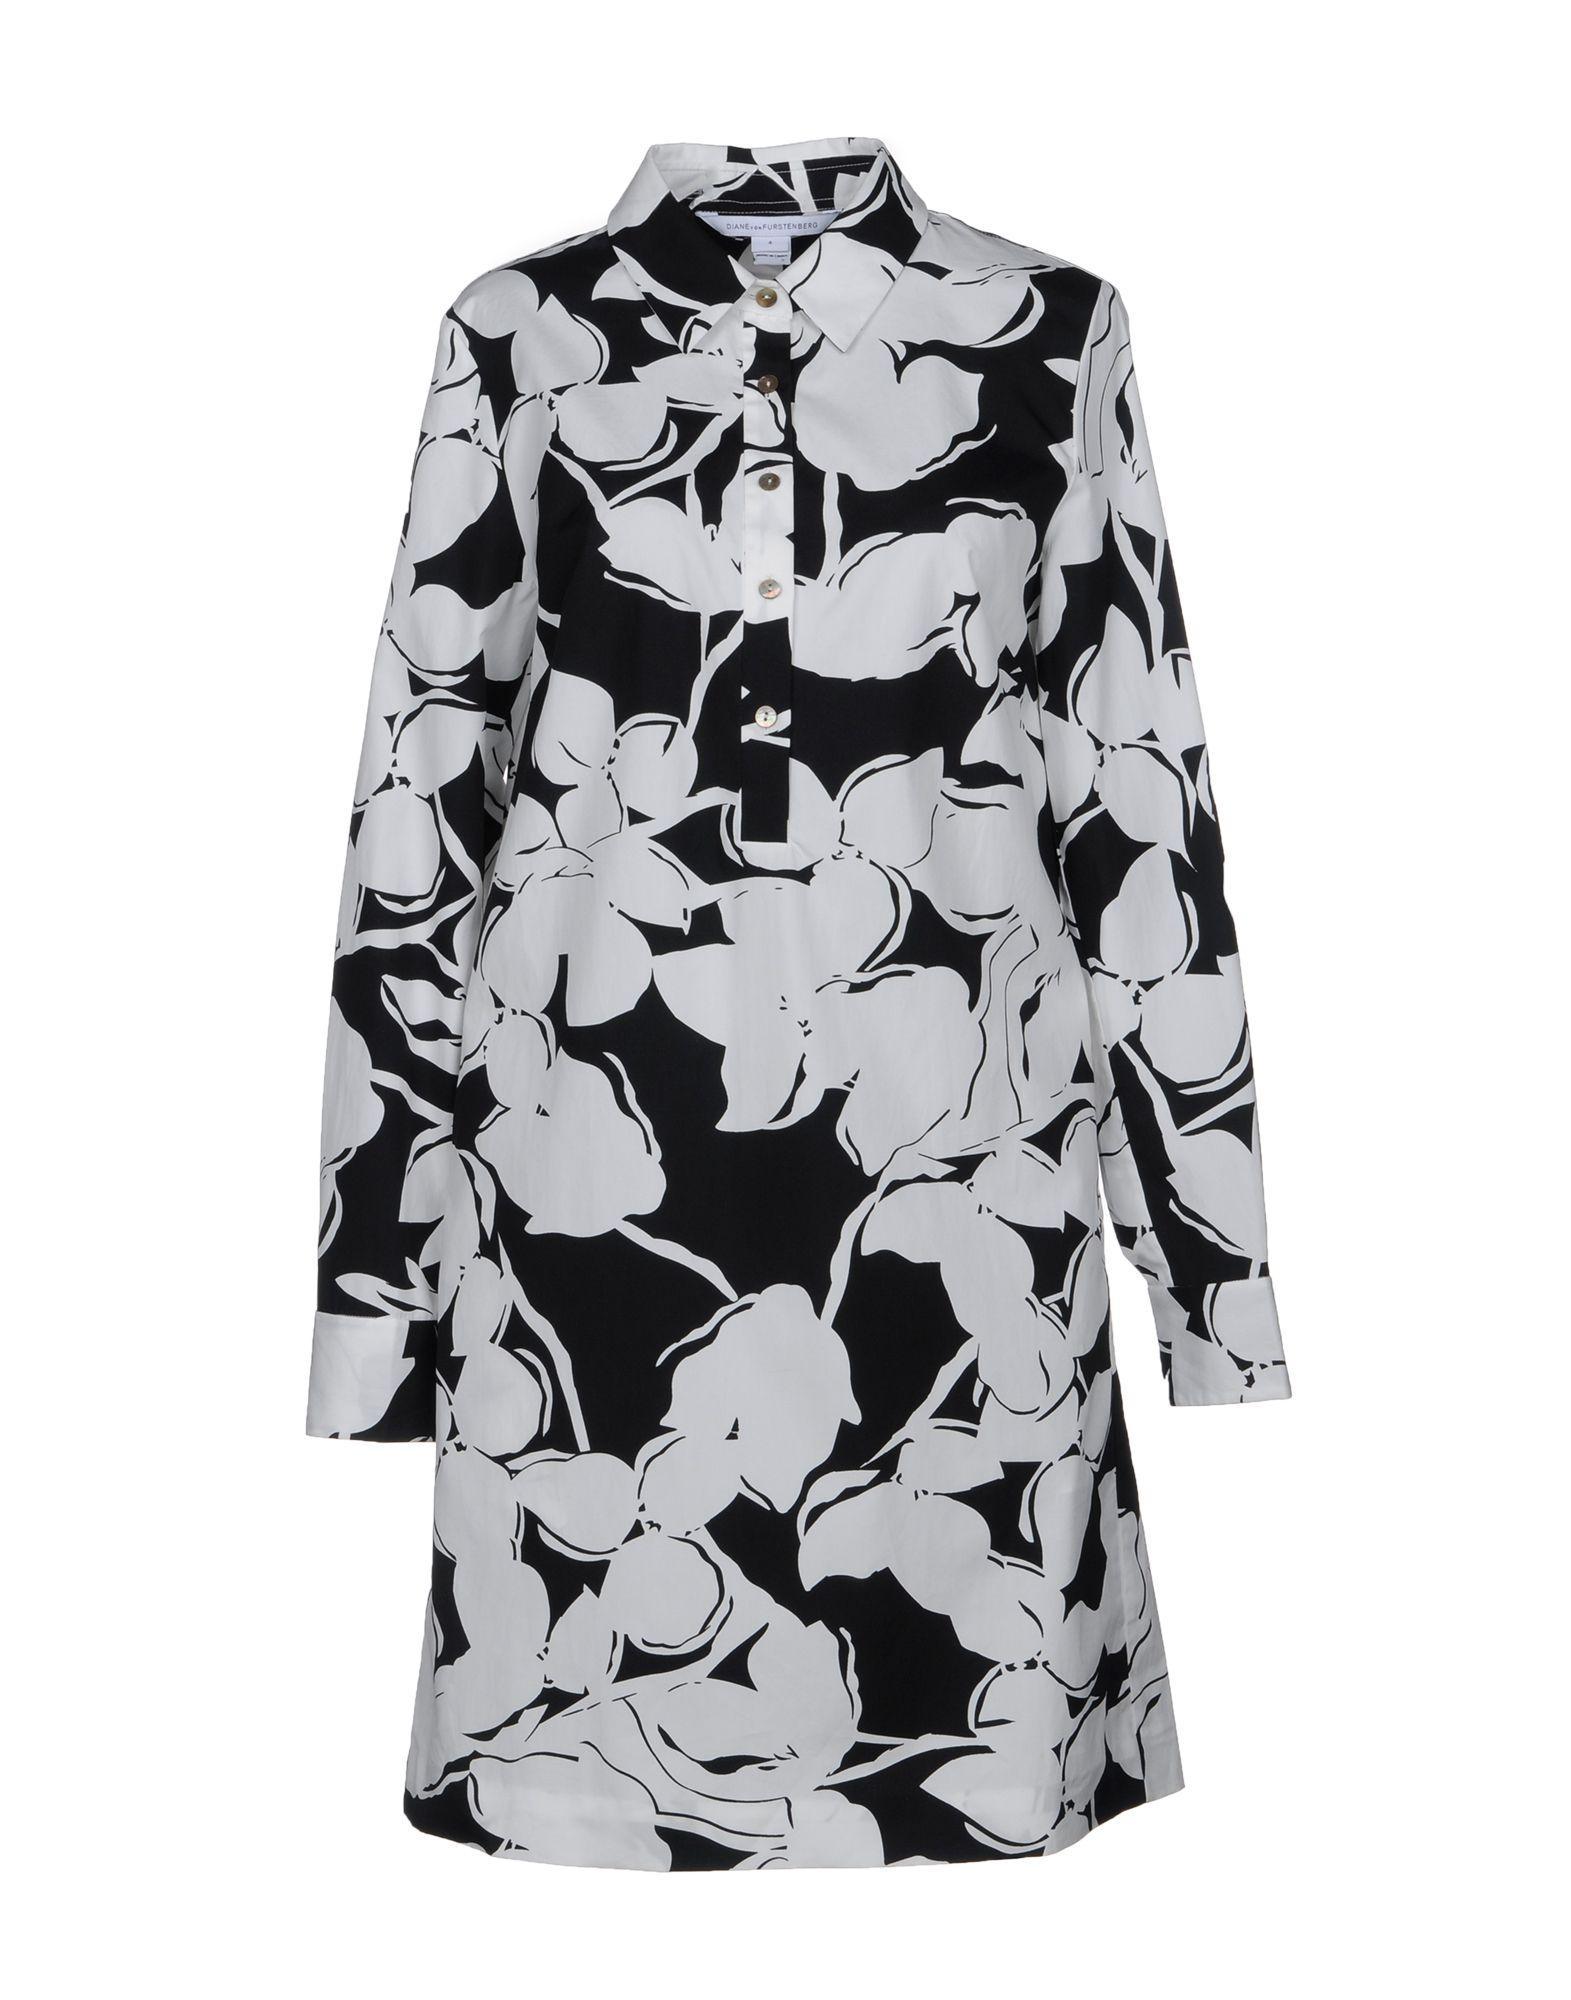 Diane Von Furstenberg Short Dresses In White